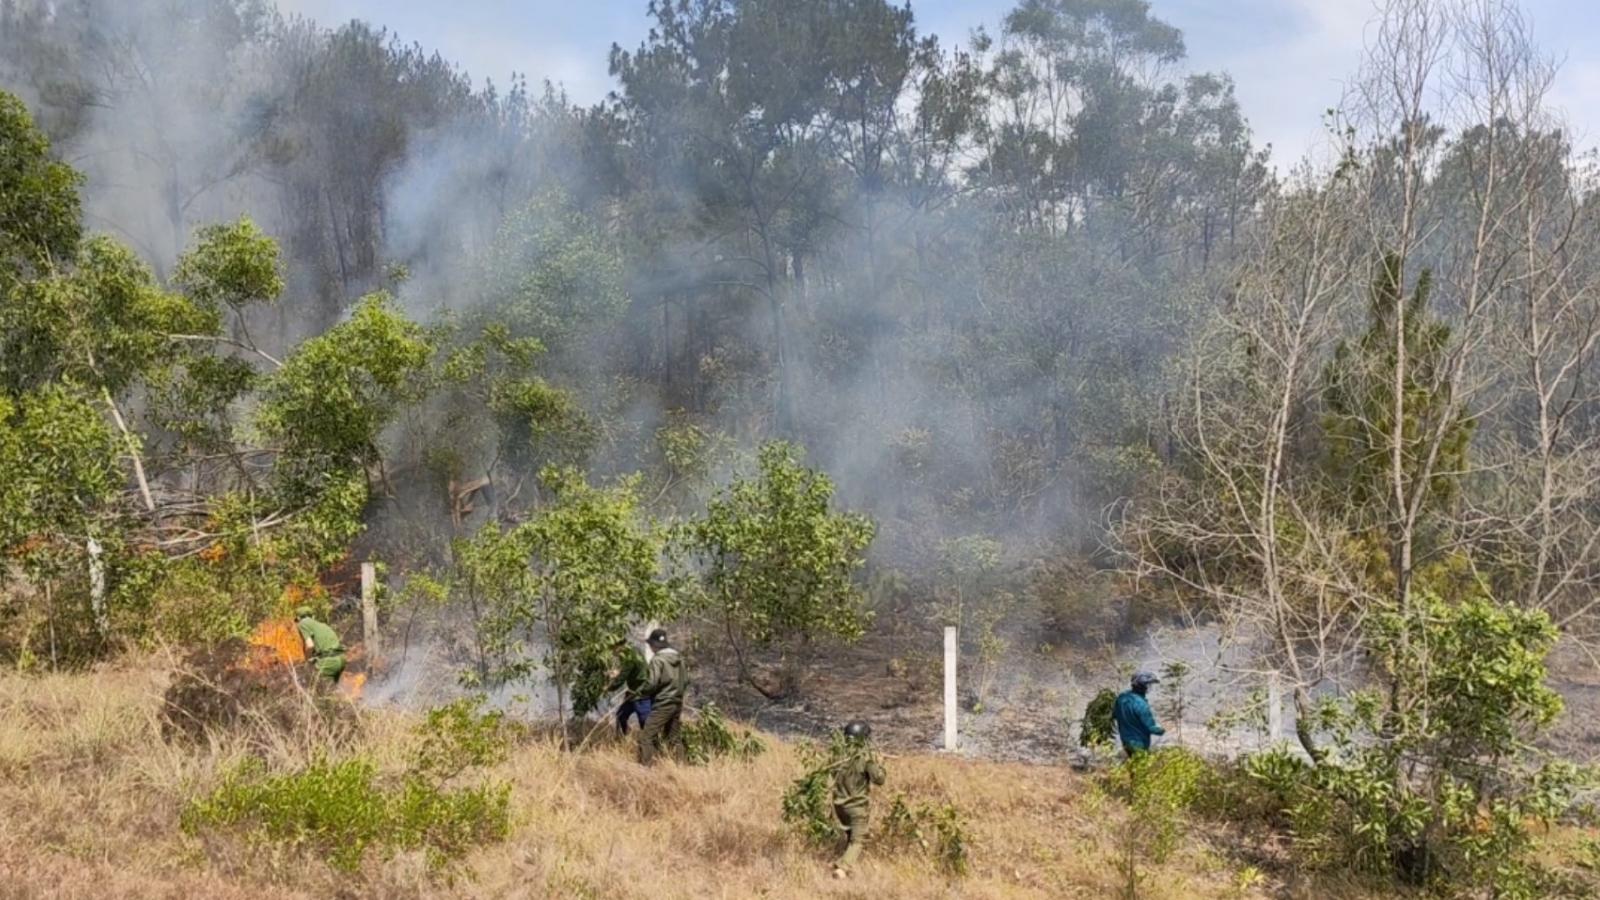 Công an vào cuộc điều tra vụ cháy 45 héc ta rừng ở Quảng Nam